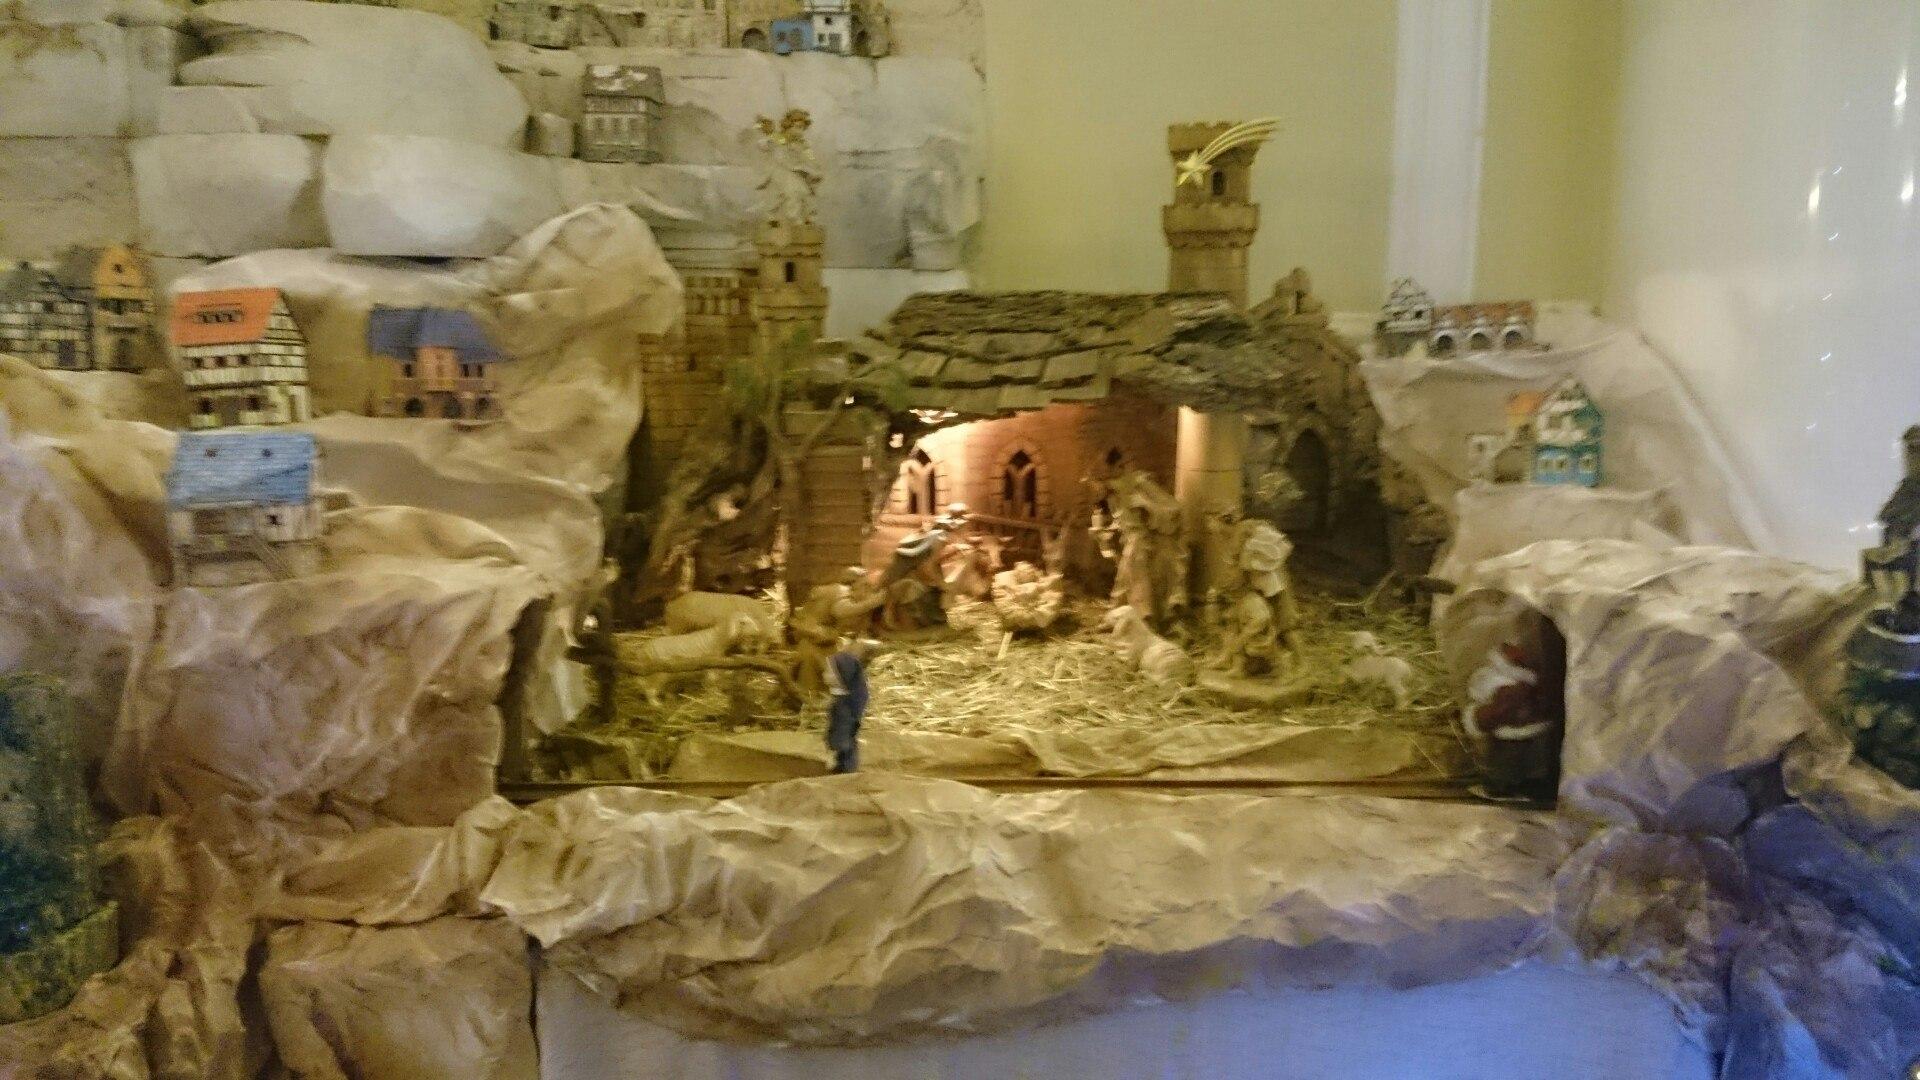 Сочельник, католическая базилика св.Екатерины, «Рождественский марафон», 24.12.2015.